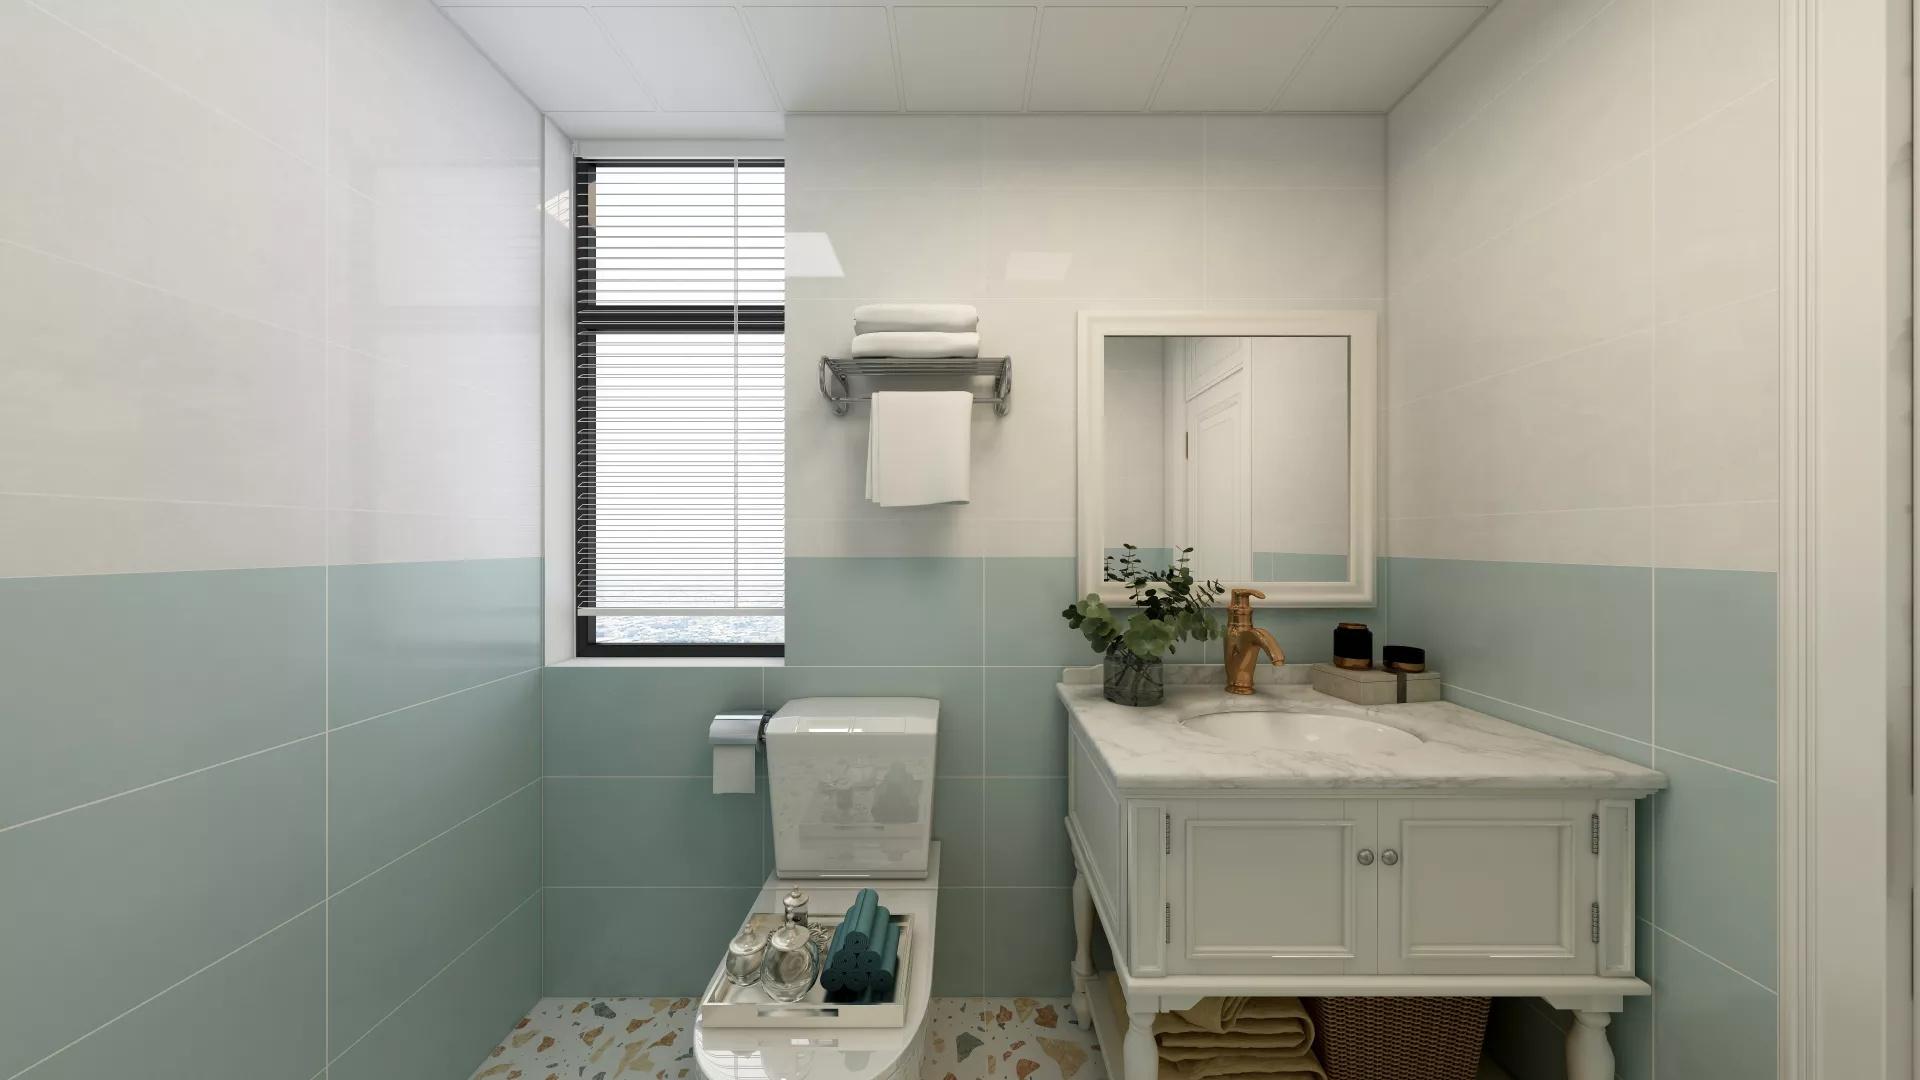 全效合一墙面漆怎么选择?全效合一墙面漆选购要点?